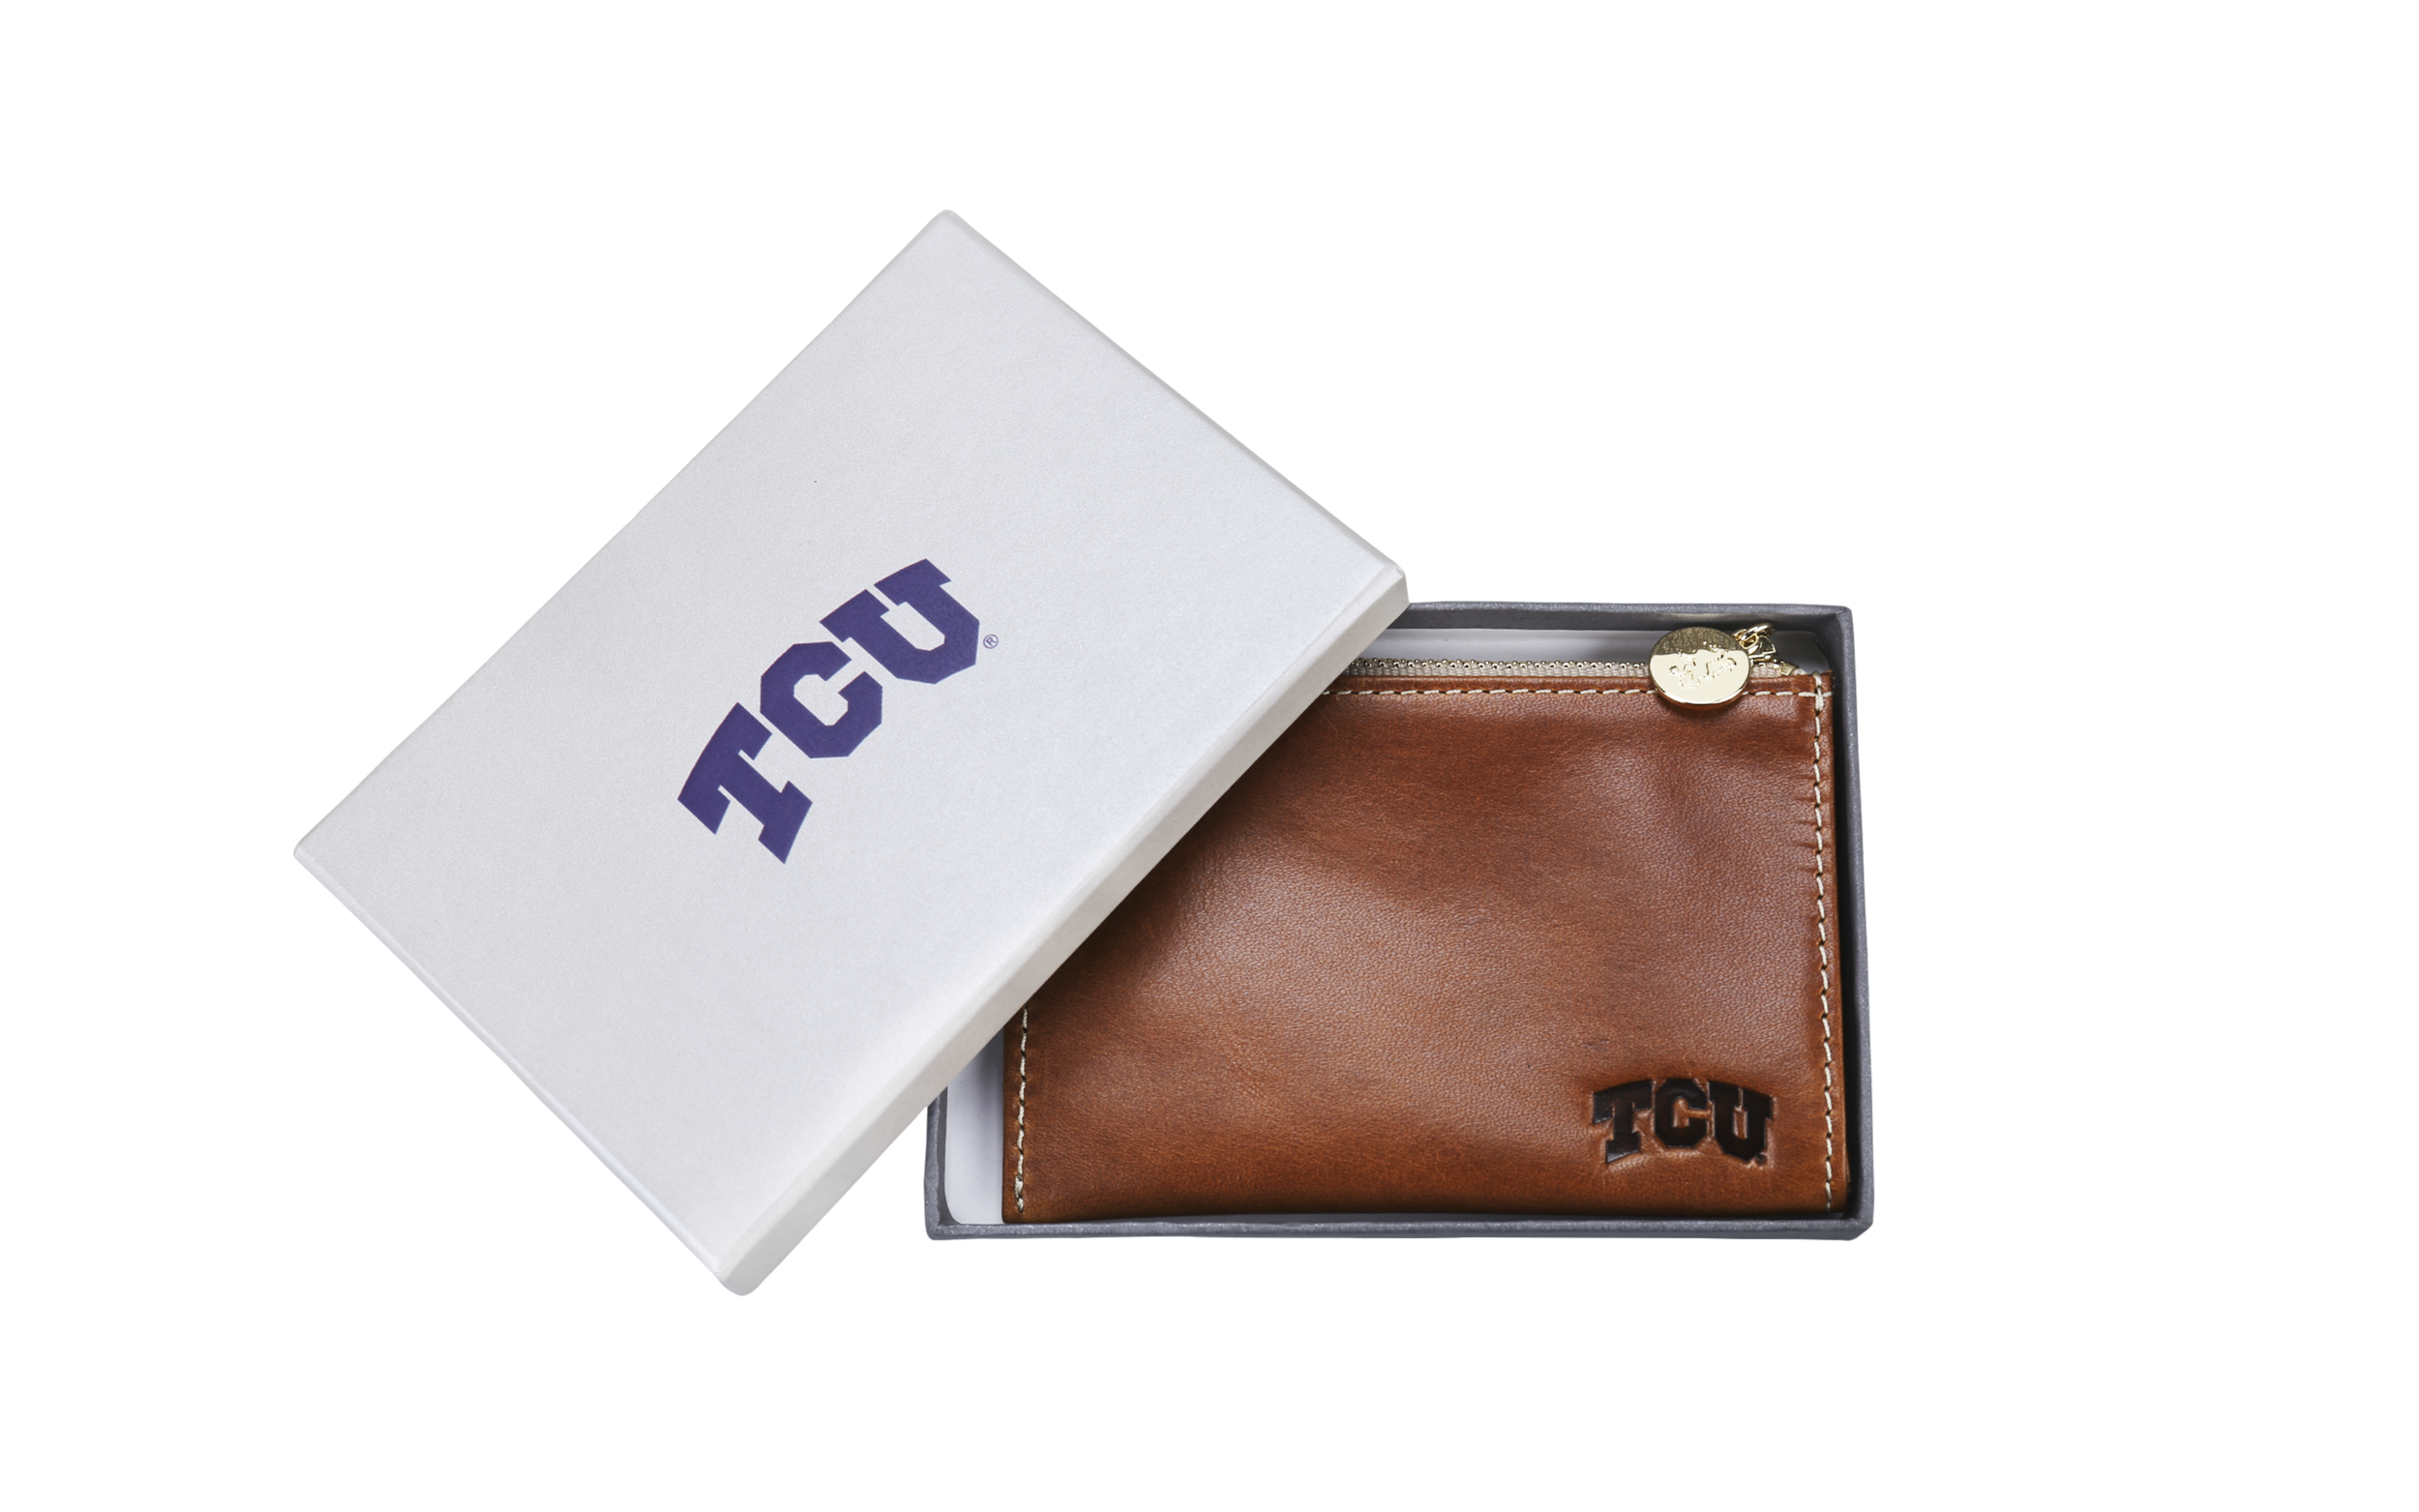 tcu ladies wallet in box.png